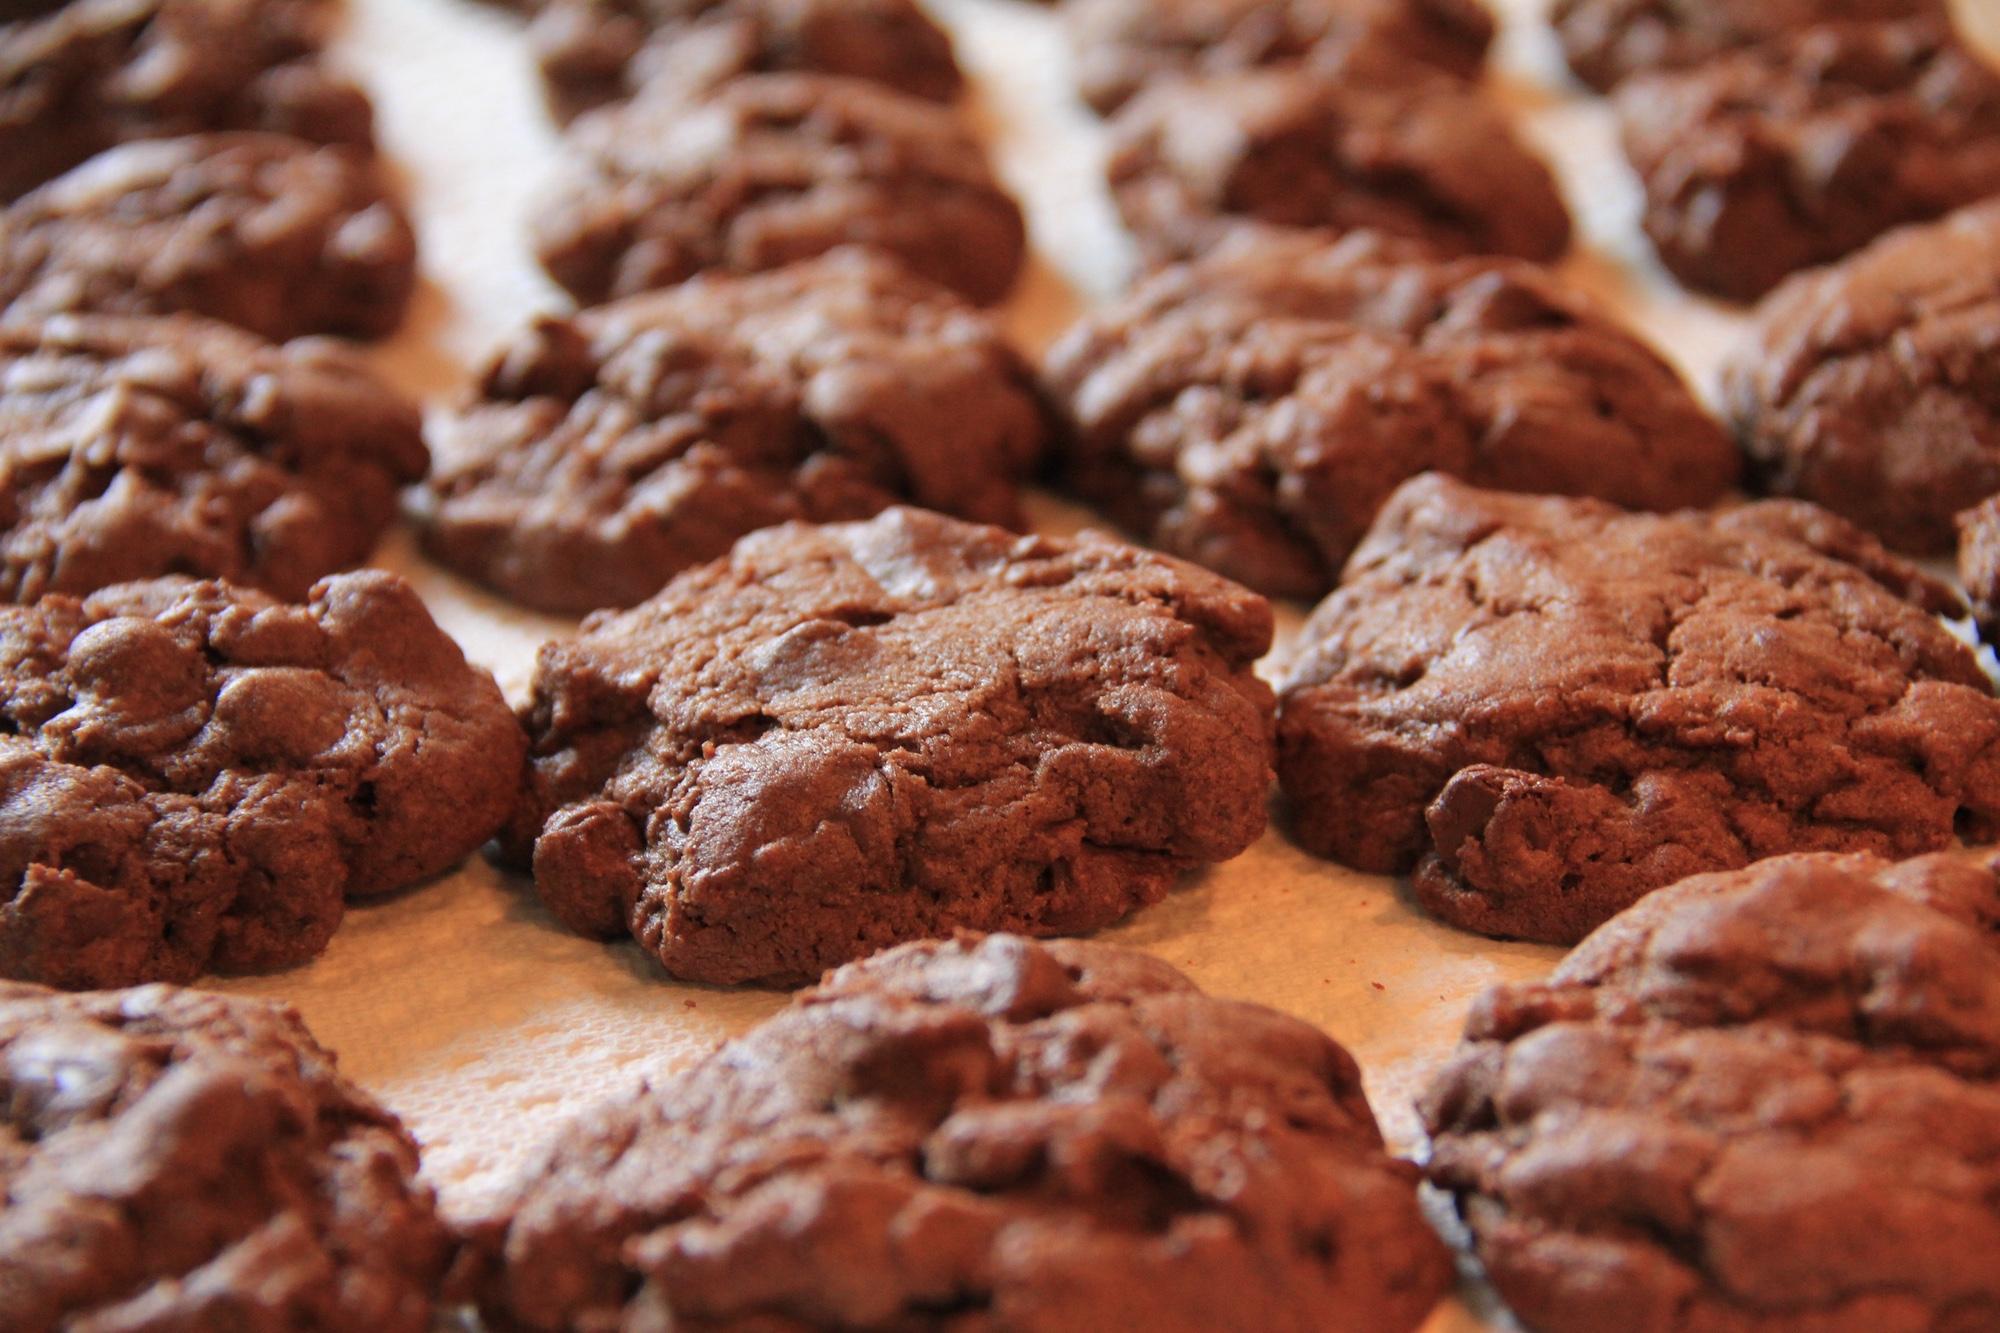 Foto: Schokoladen-Cookies auf einem Backblech